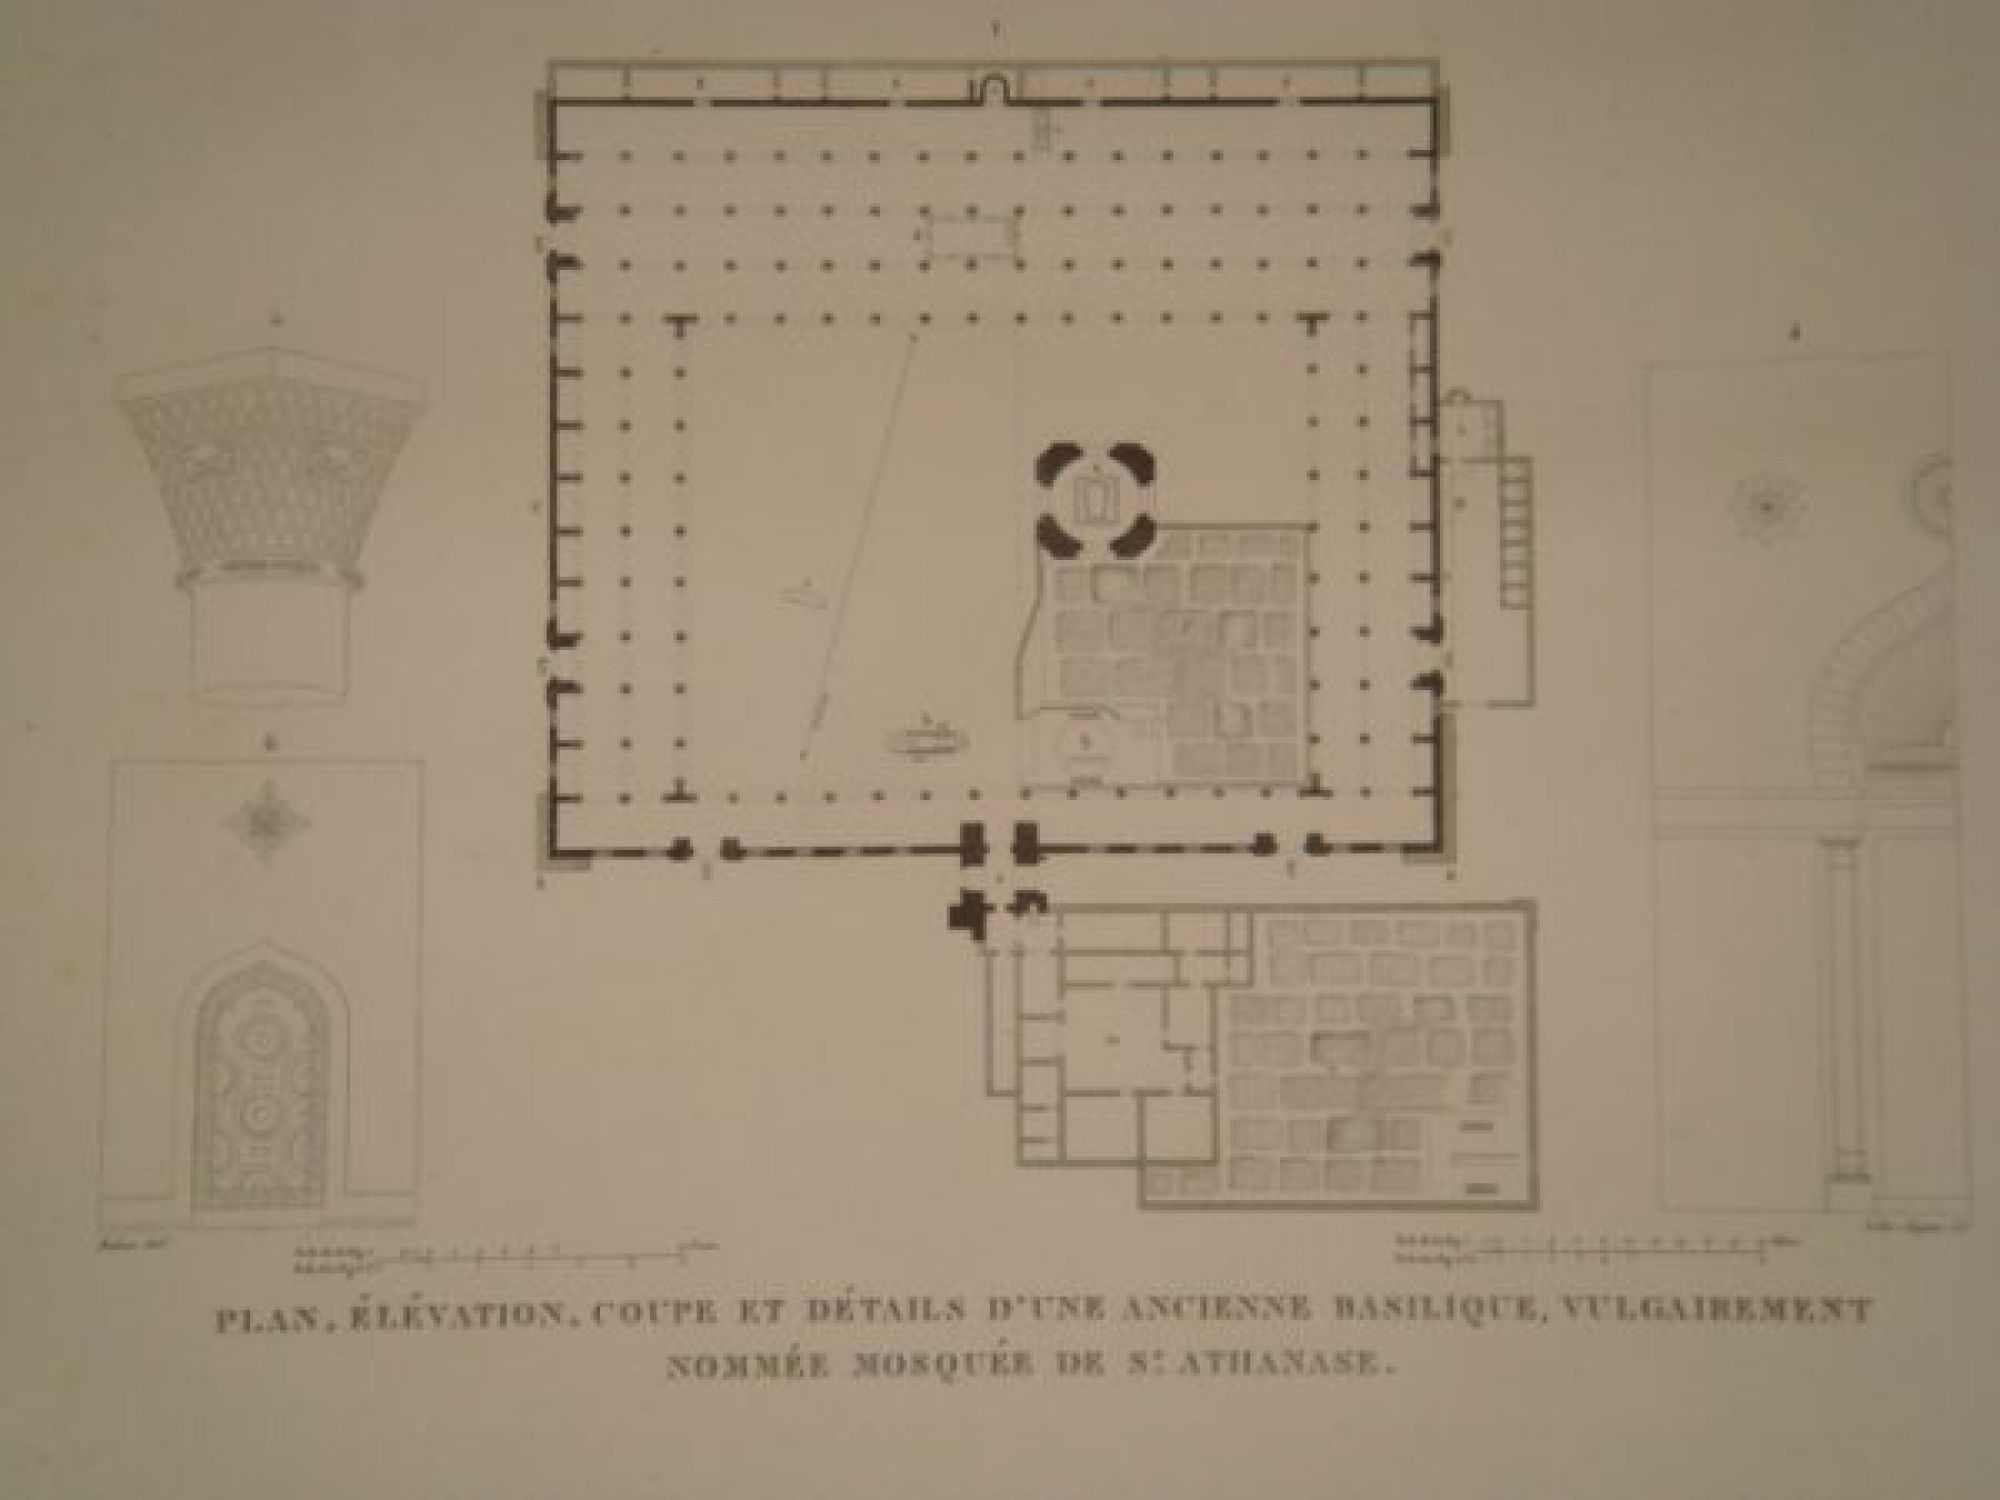 Elevation Plan Coupe : Description de l egypte alexandrie plan élévation